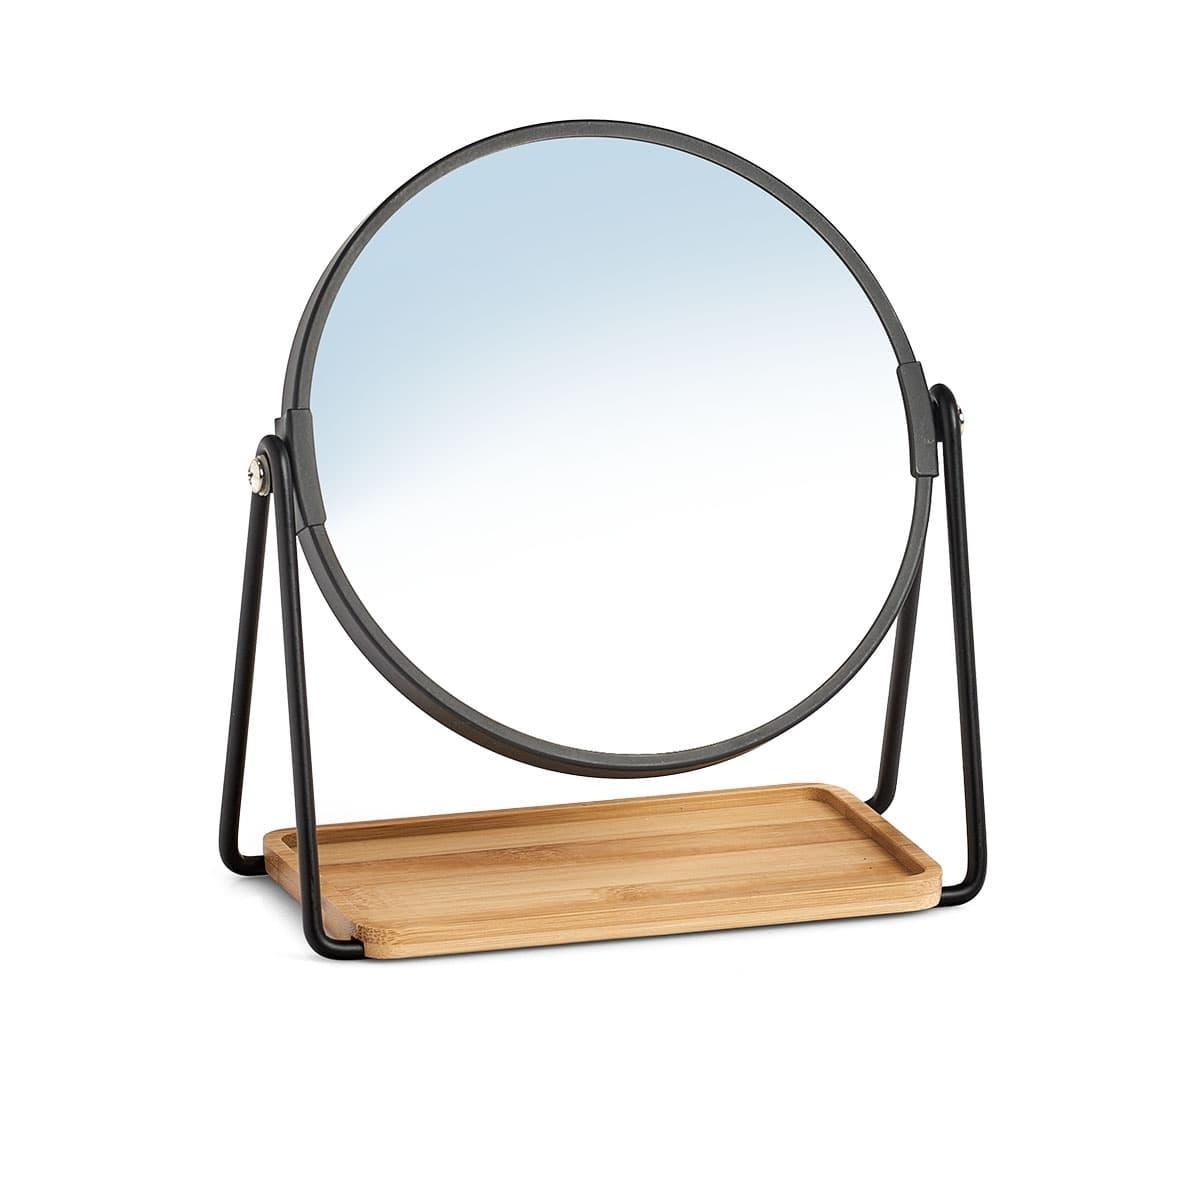 Oglinda cosmetica de masa, Shine Negru / Natural, Ø17,5xH20,5 cm poza